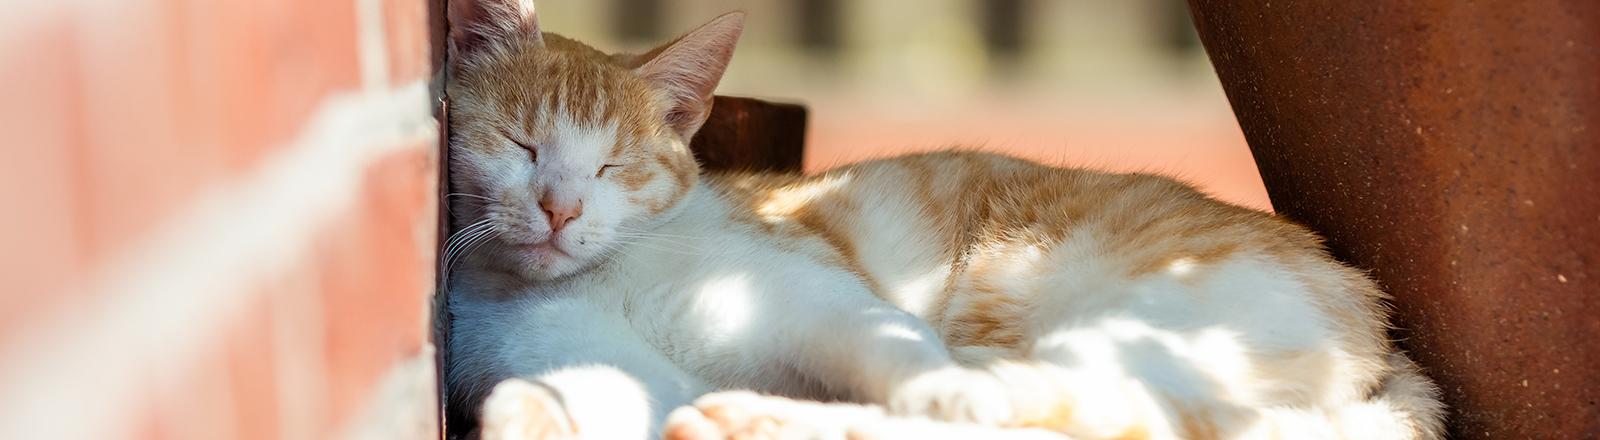 13.07.2018, Niedersachsen, Friesoythe: Eine Katze schläft bei sonnigem Wetter an einer Wand im Schatten eines Blumenkübels. Foto: Mohssen Assanimoghaddam/dpa